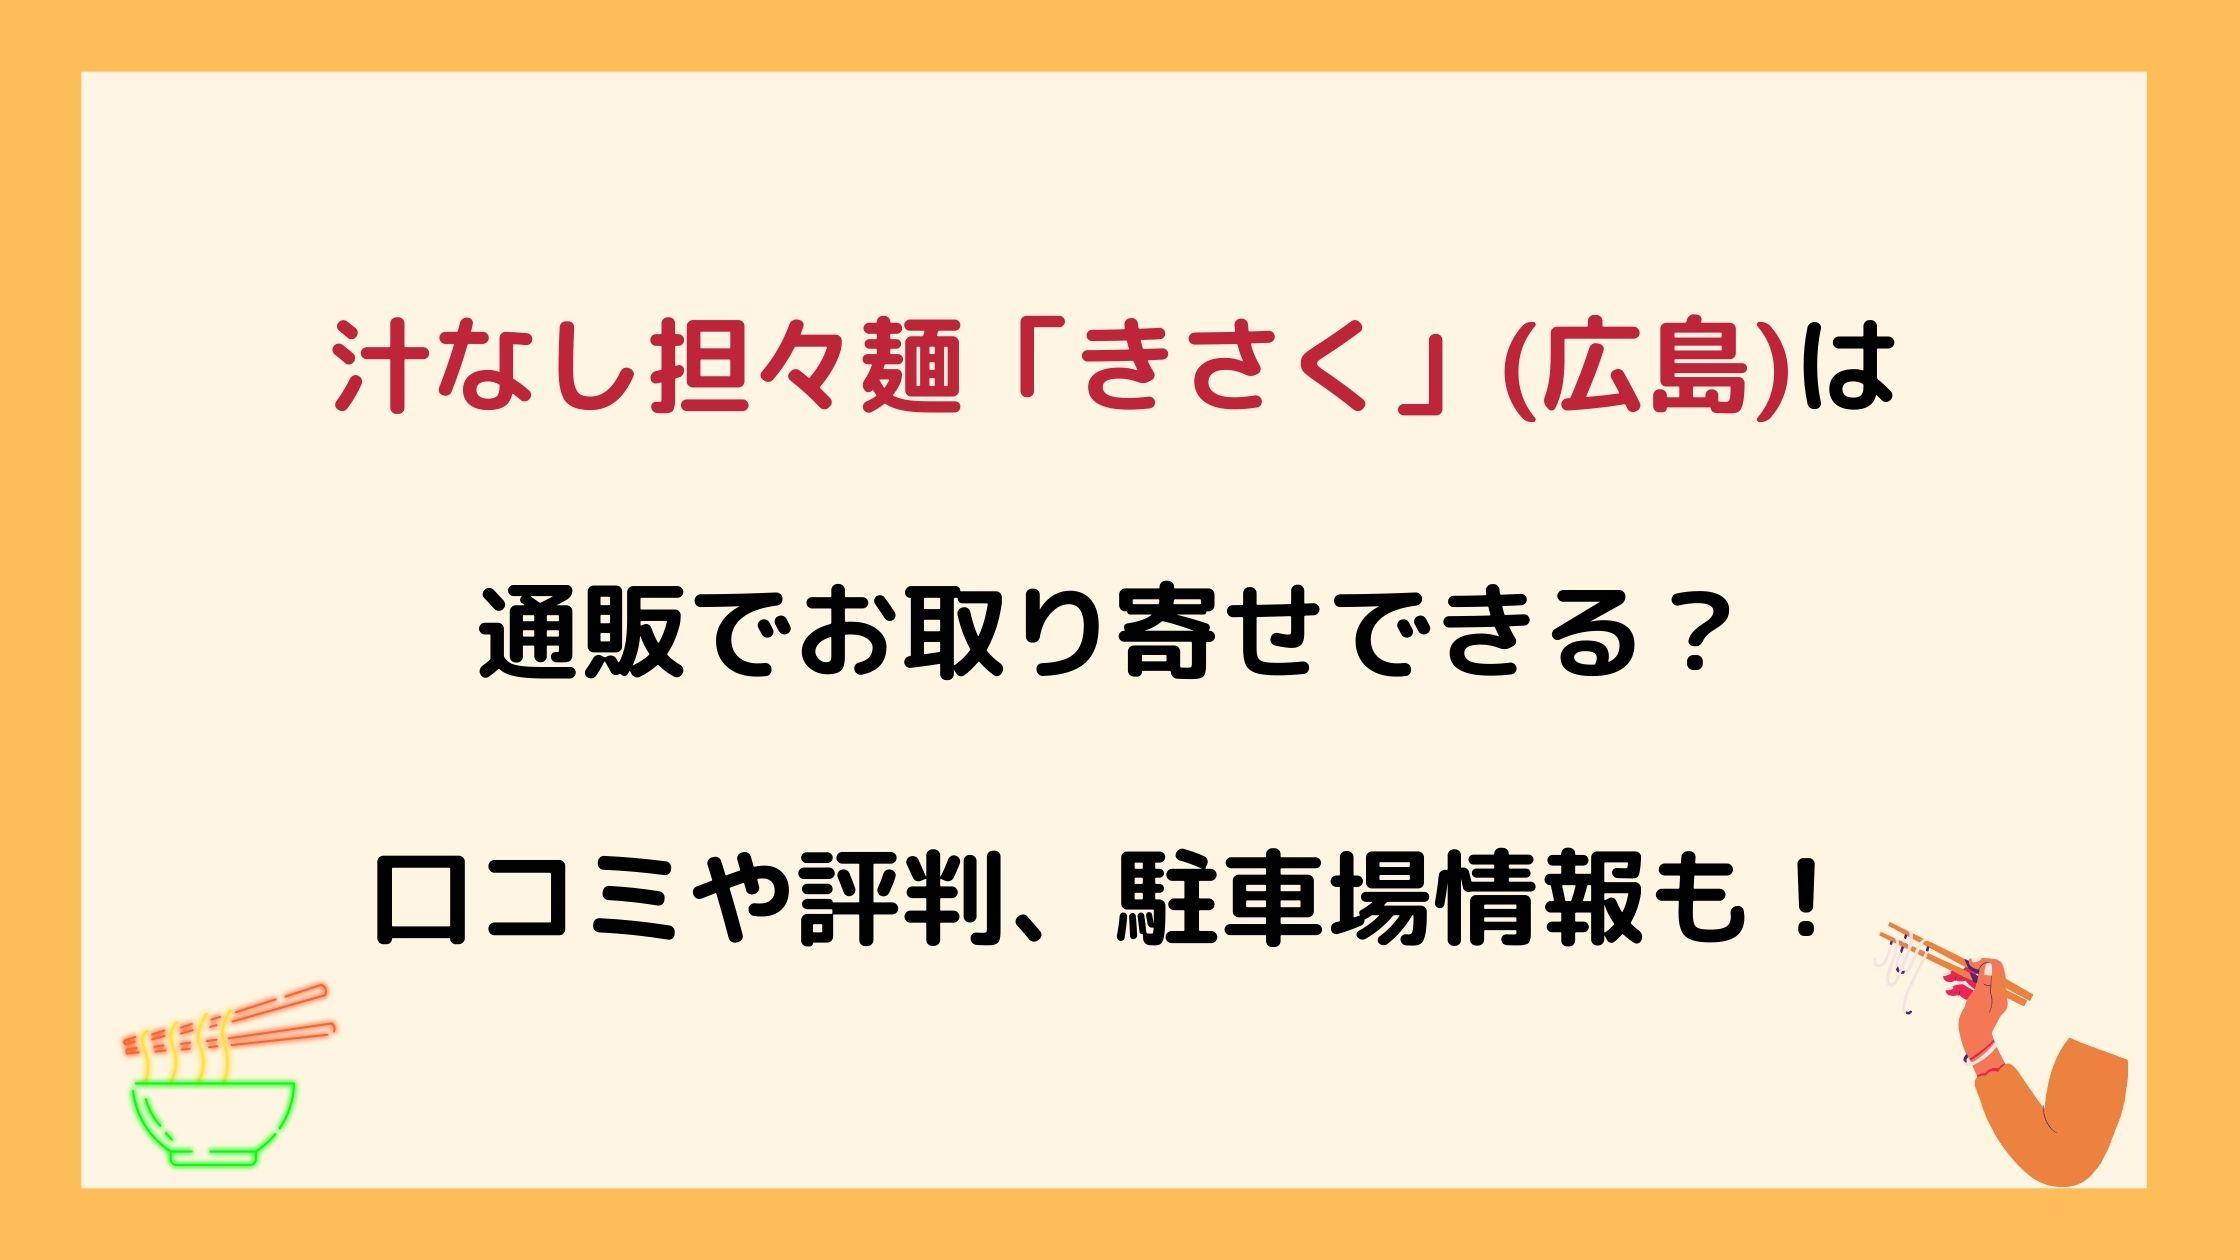 汁なし担々麺きさく(広島)は通販でお取り寄せできる?口コミや評判、駐車場情報も!